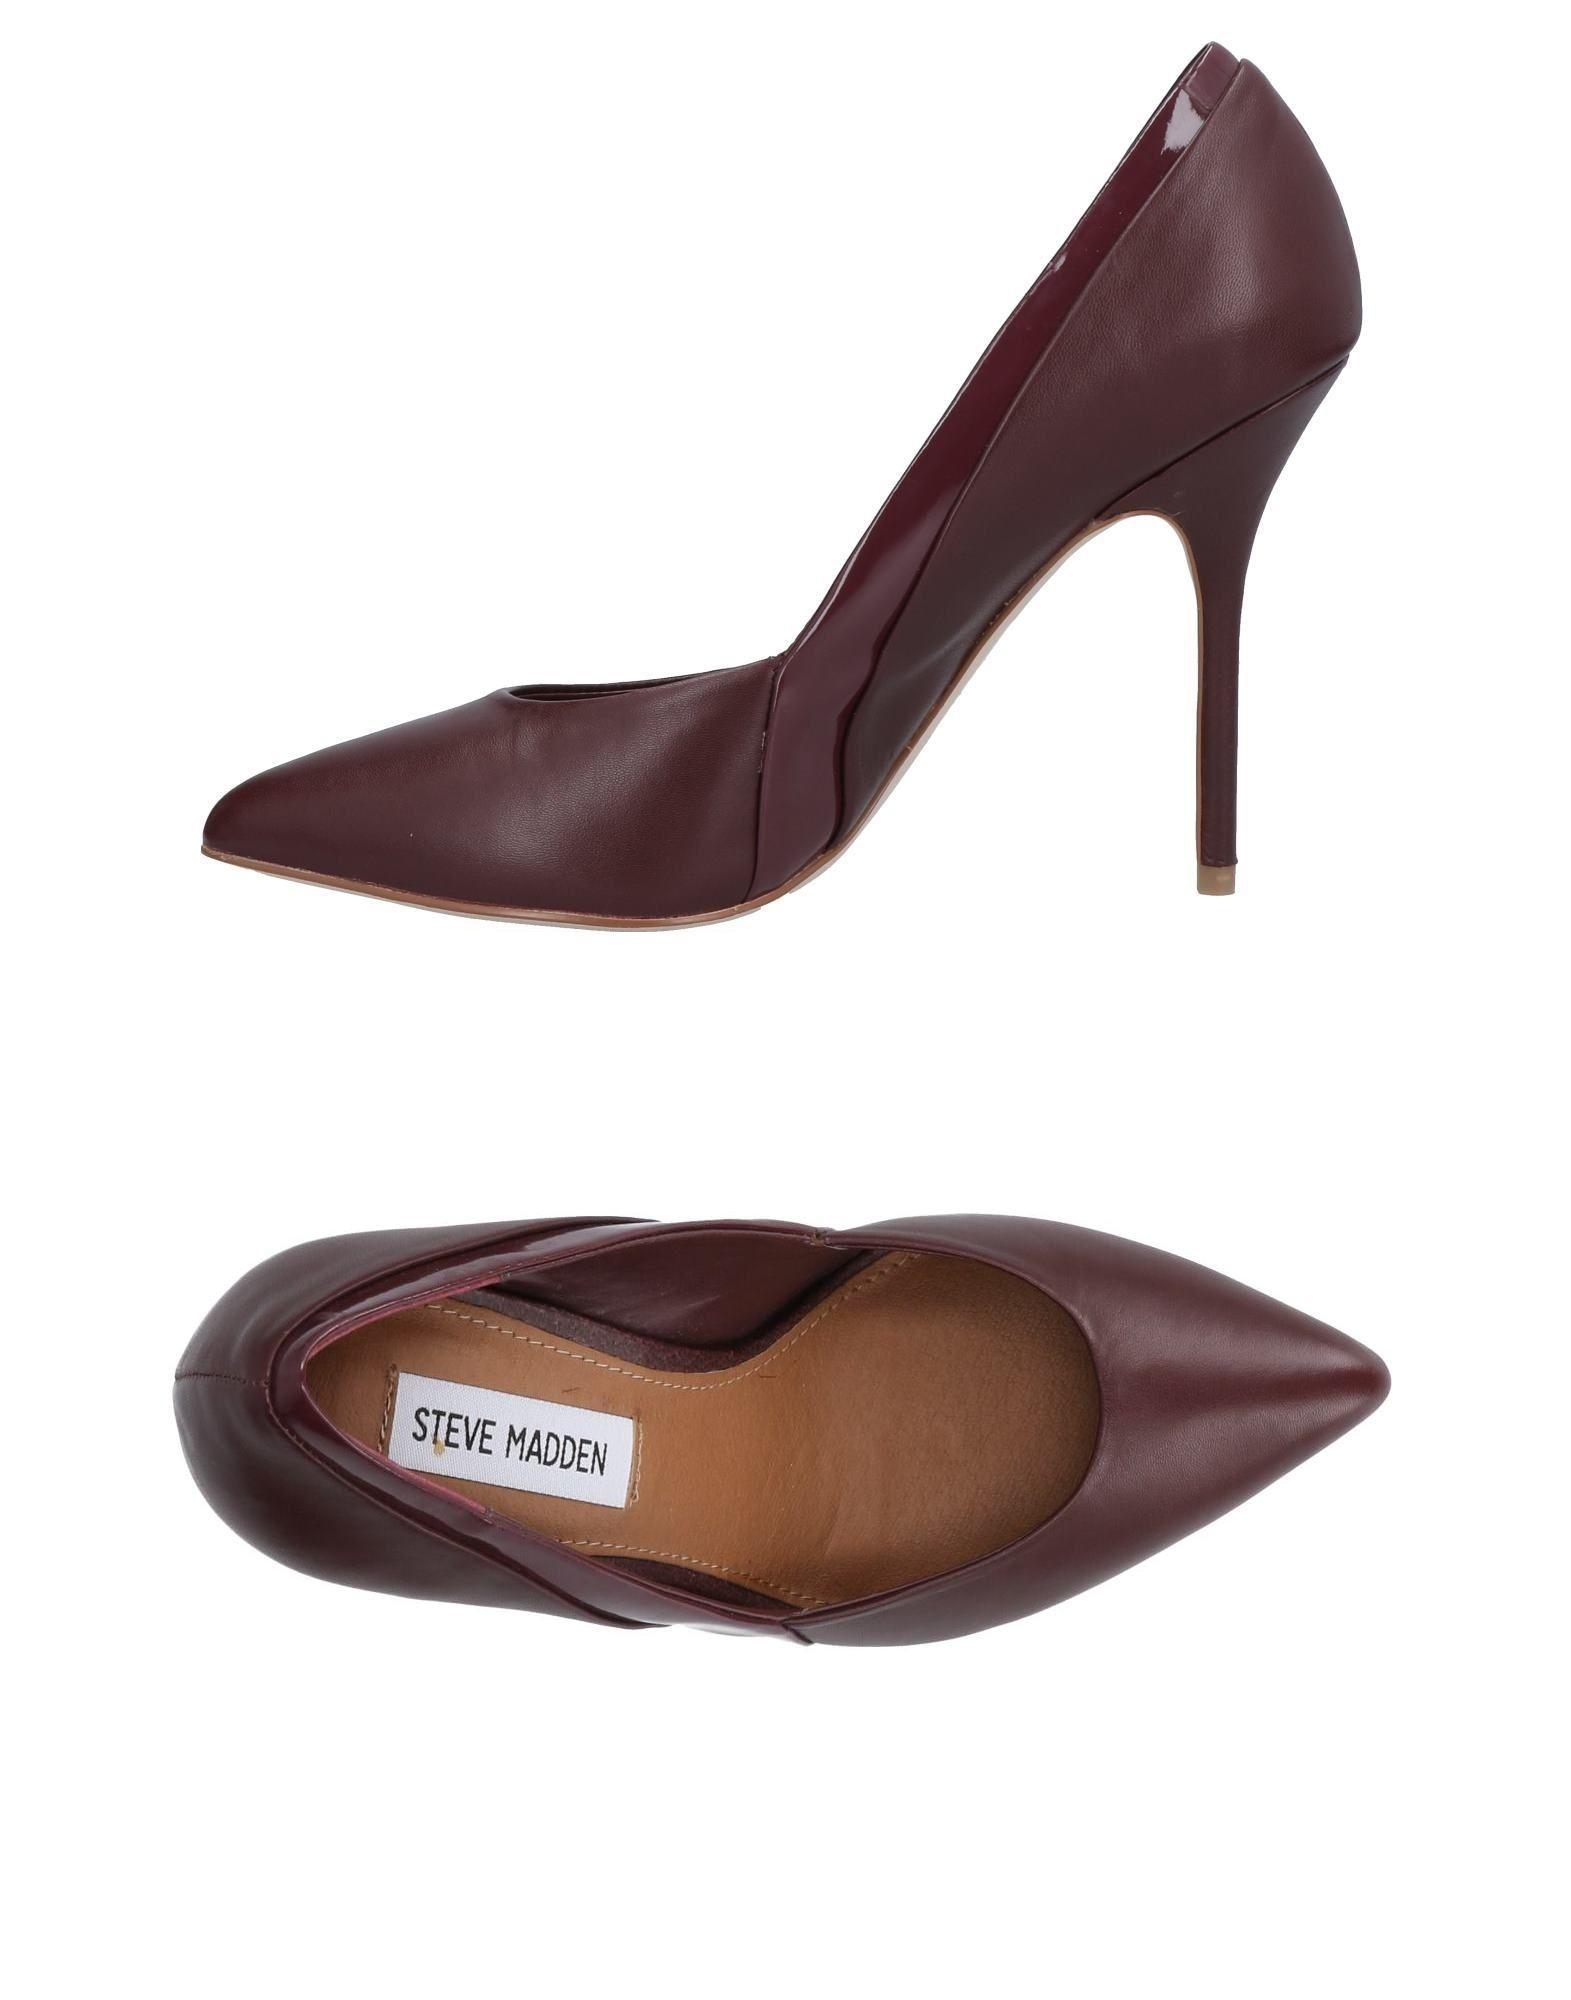 Sandali Teva offerte Donna - 11363312FL Nuove offerte Teva e scarpe comode 676757